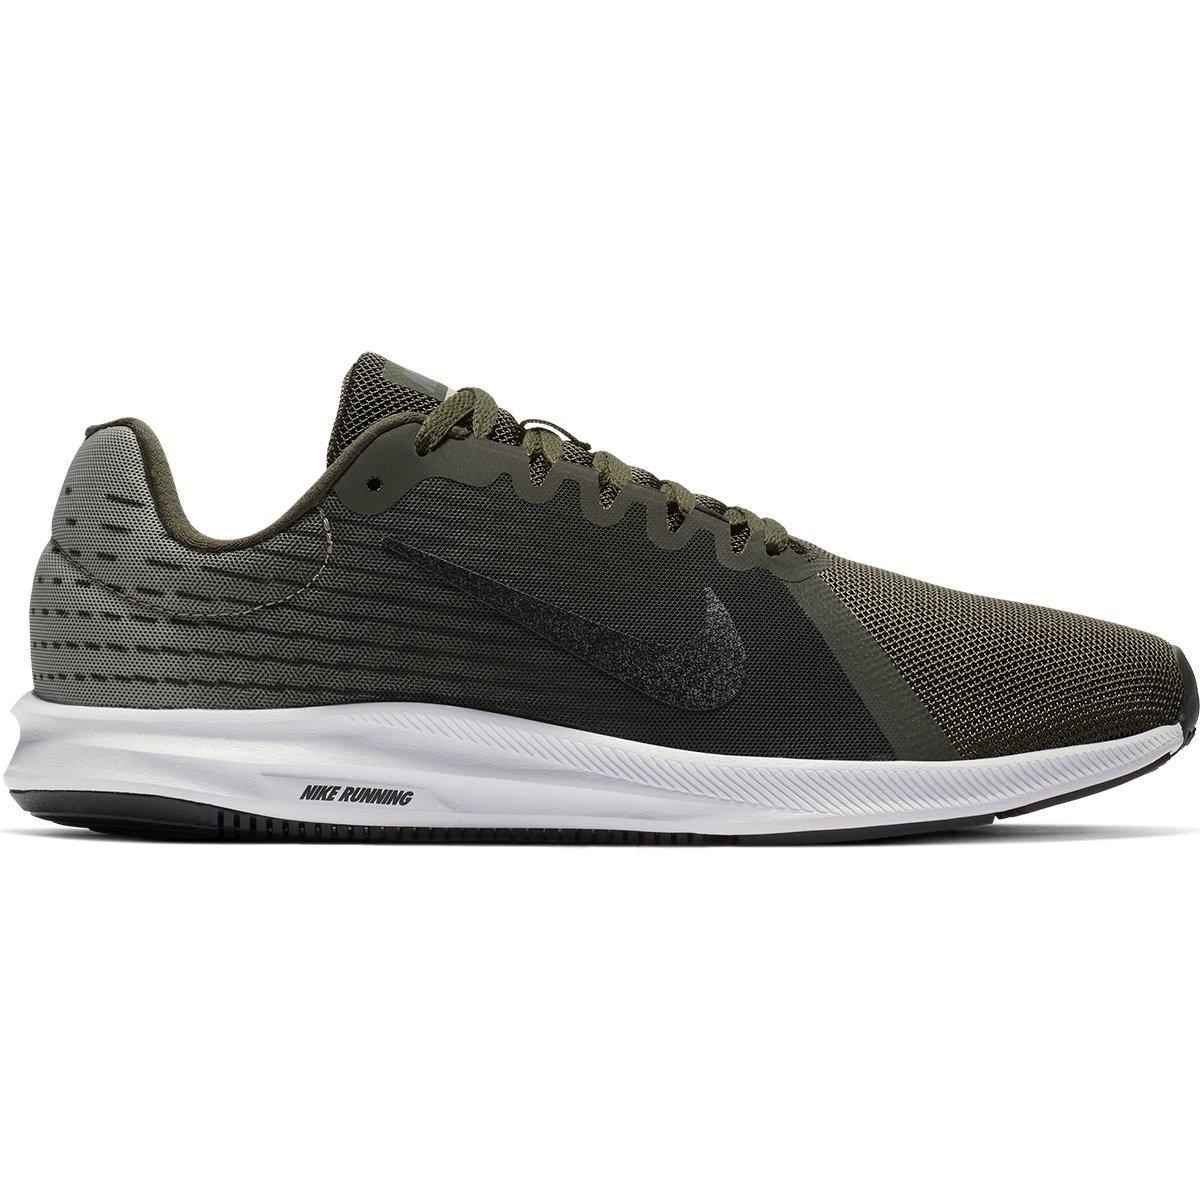 56f14c57814 Tênis Nike Downshifter 8 Masculino - Verde e Preto - Compre Agora ...